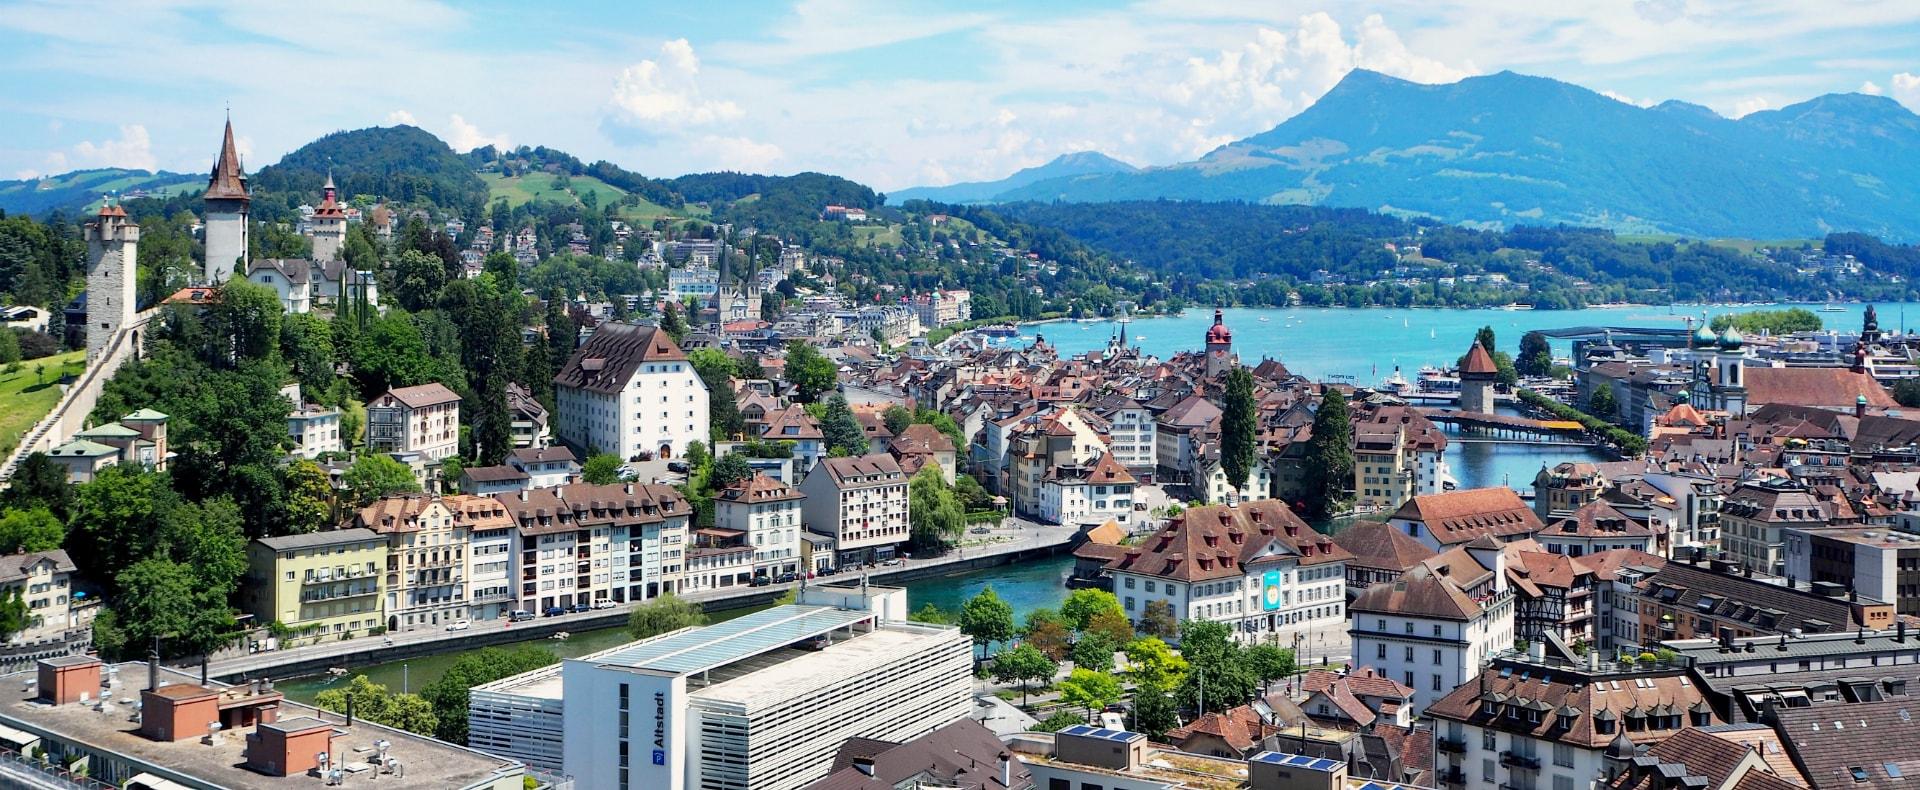 Lucerne, Switzerland gallery